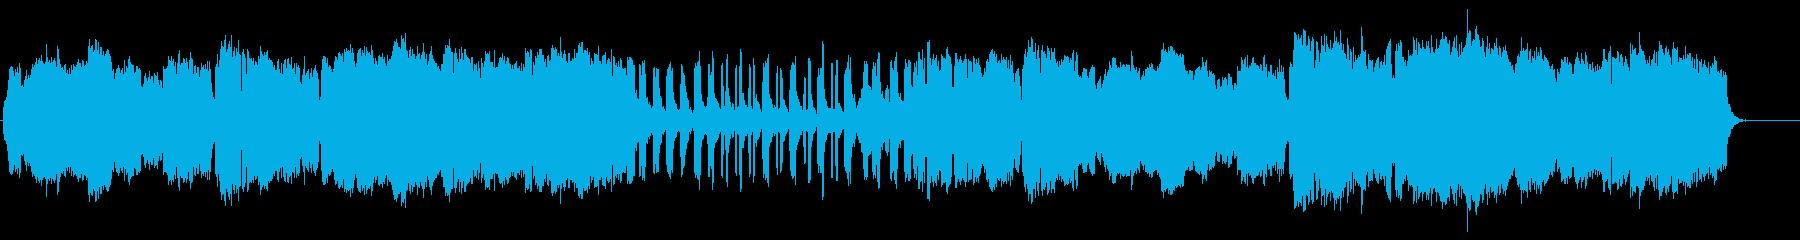 穏やかで優しいフルートオーケストラの再生済みの波形